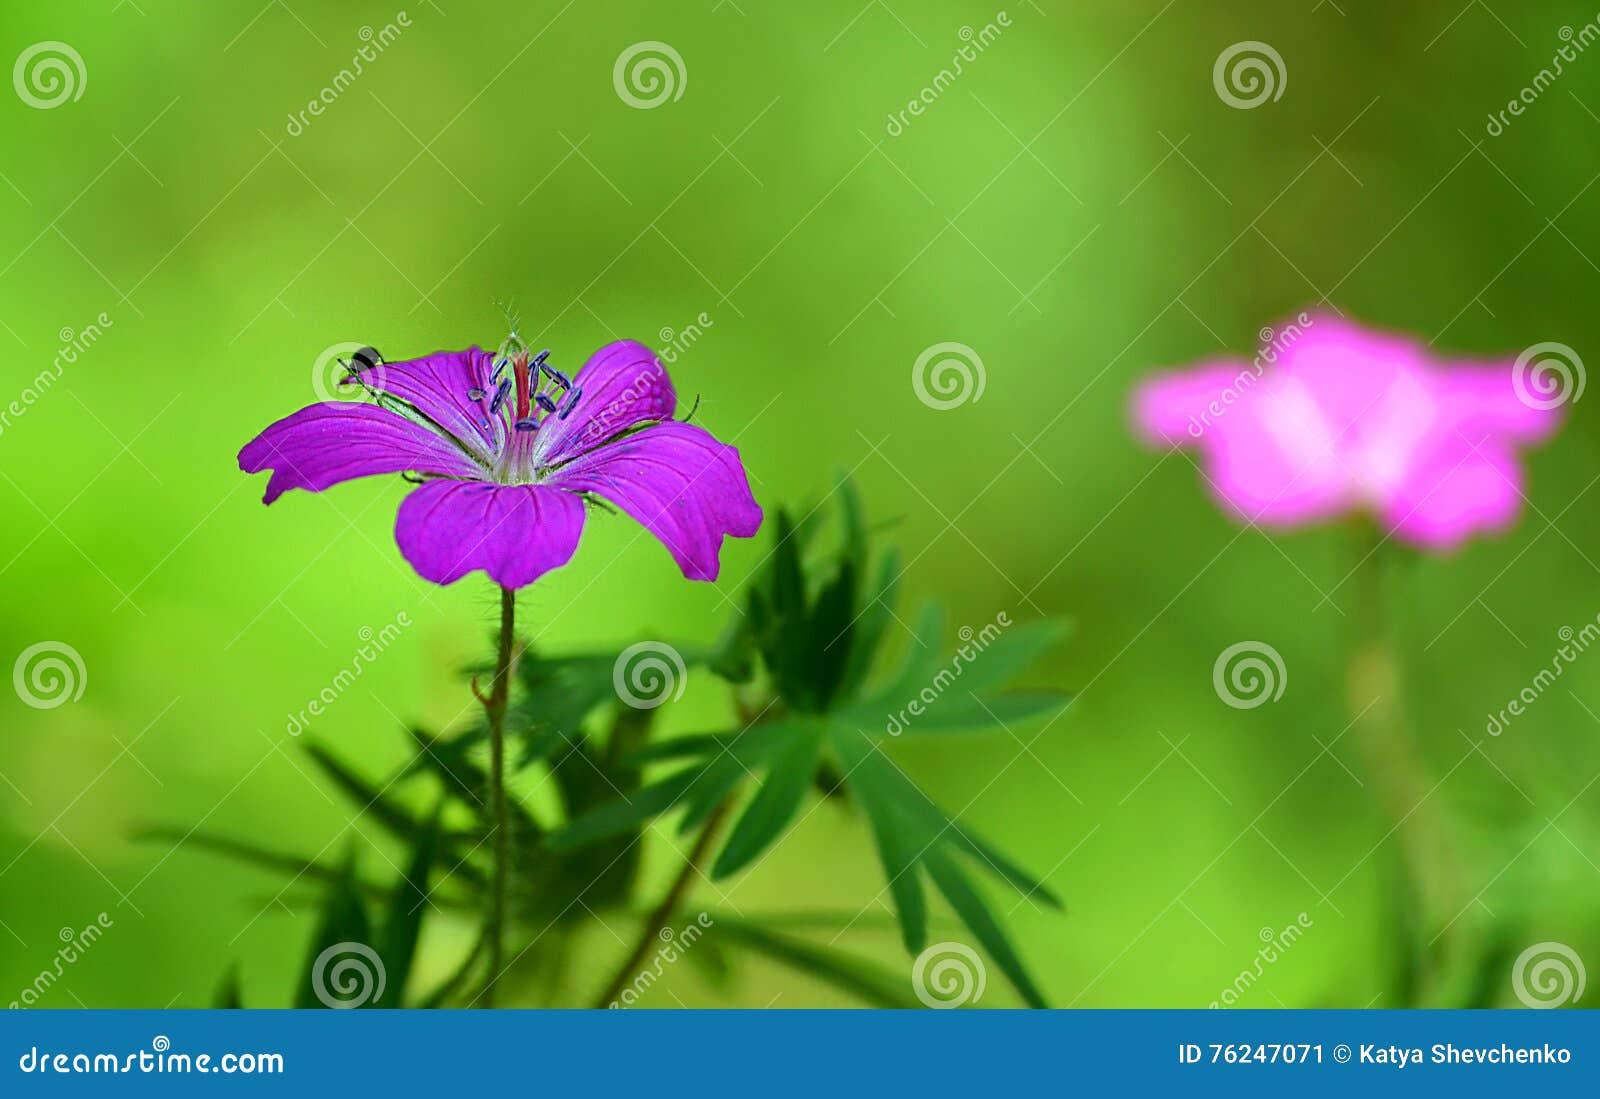 scarabée rose de fleur et d'insecte photo stock - image: 76247071